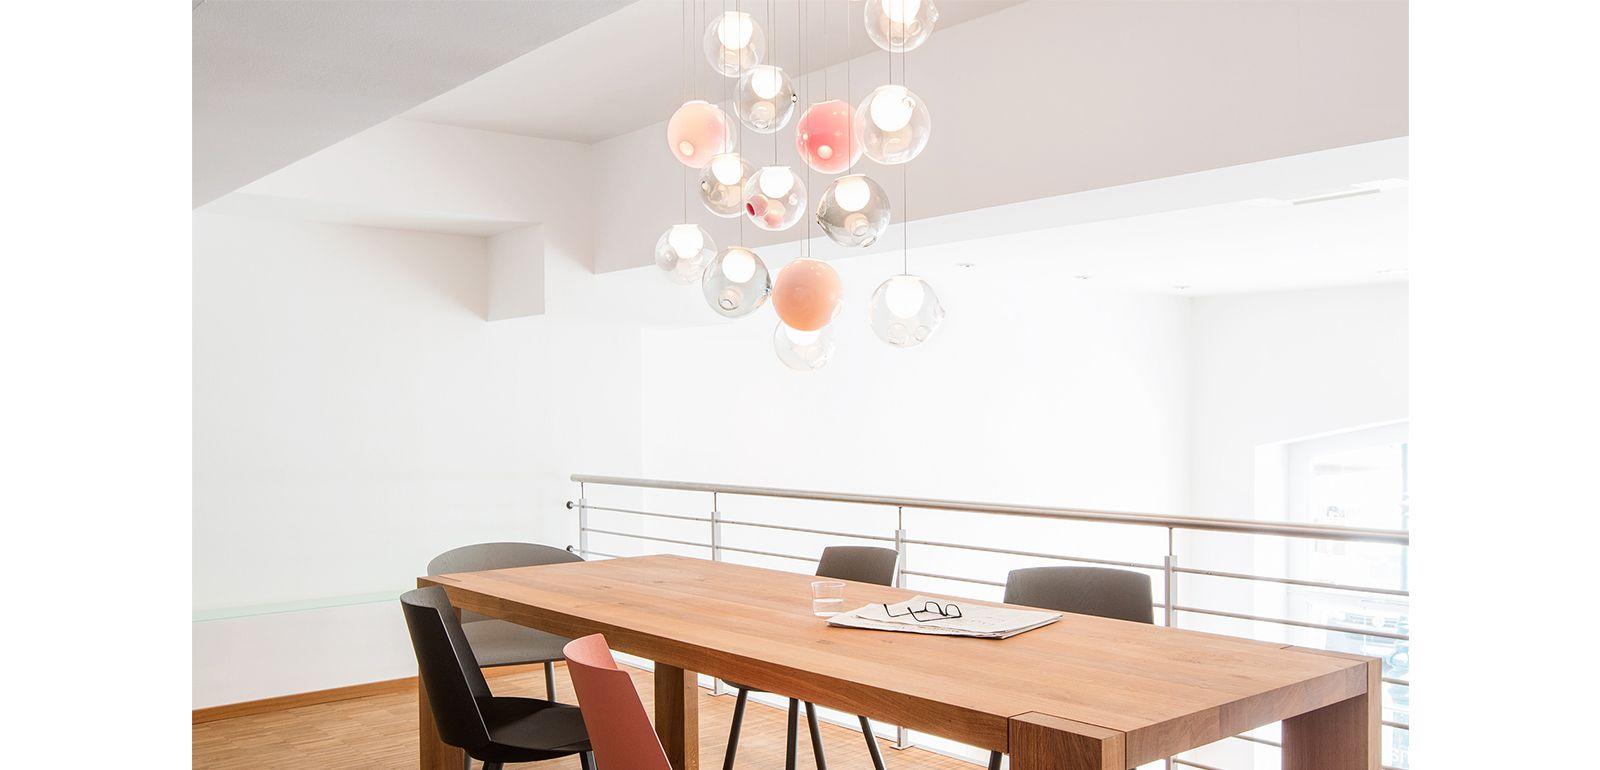 Mobilier Design, meuble design à Paris, Lyon, France -Silvera